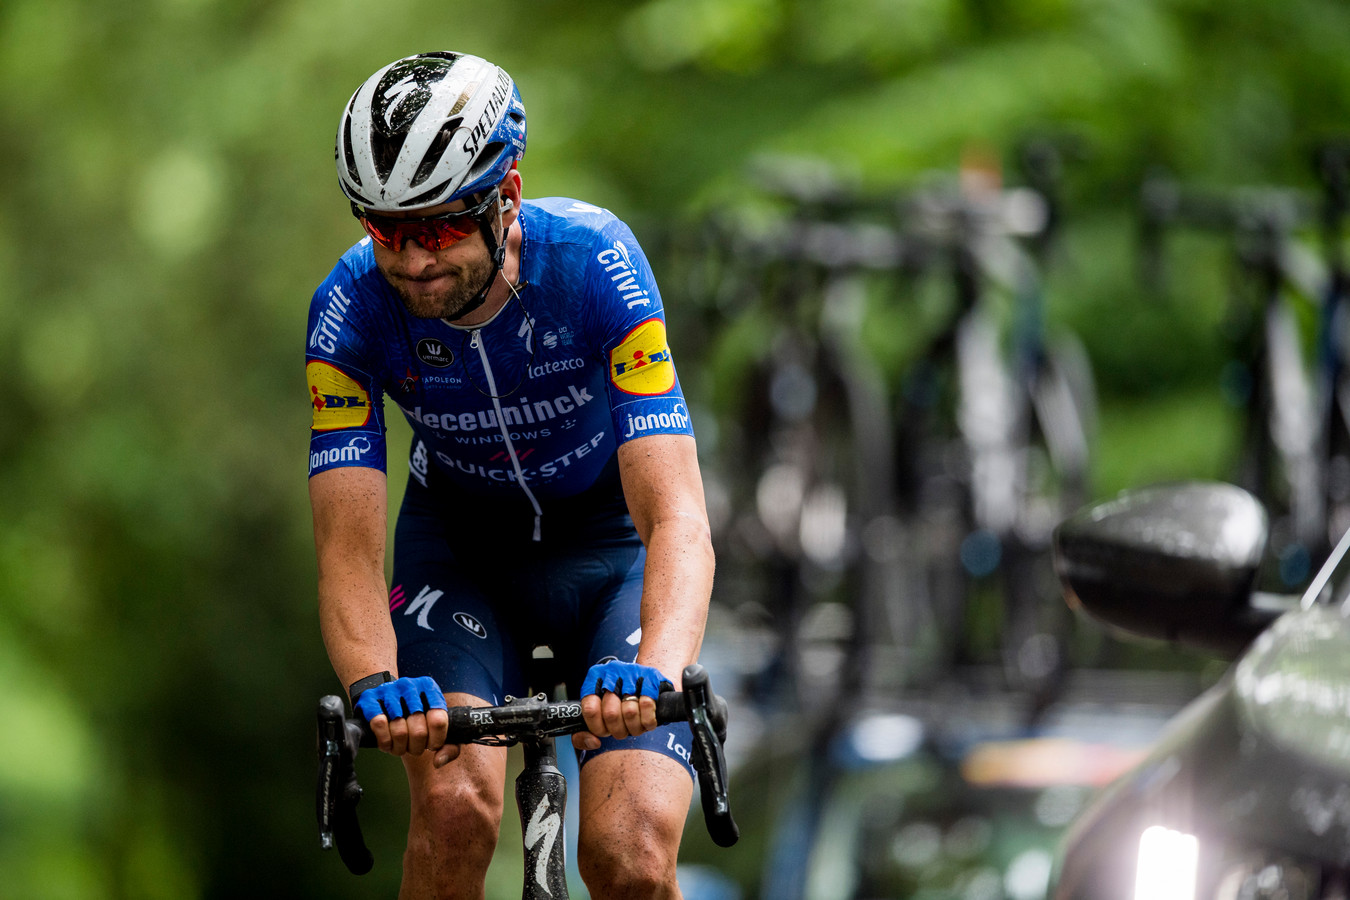 Pieter Serry reed twee weken geleden Dwars door het Hageland, een wedstrijd die te kort na het einde van de Giro kwam.